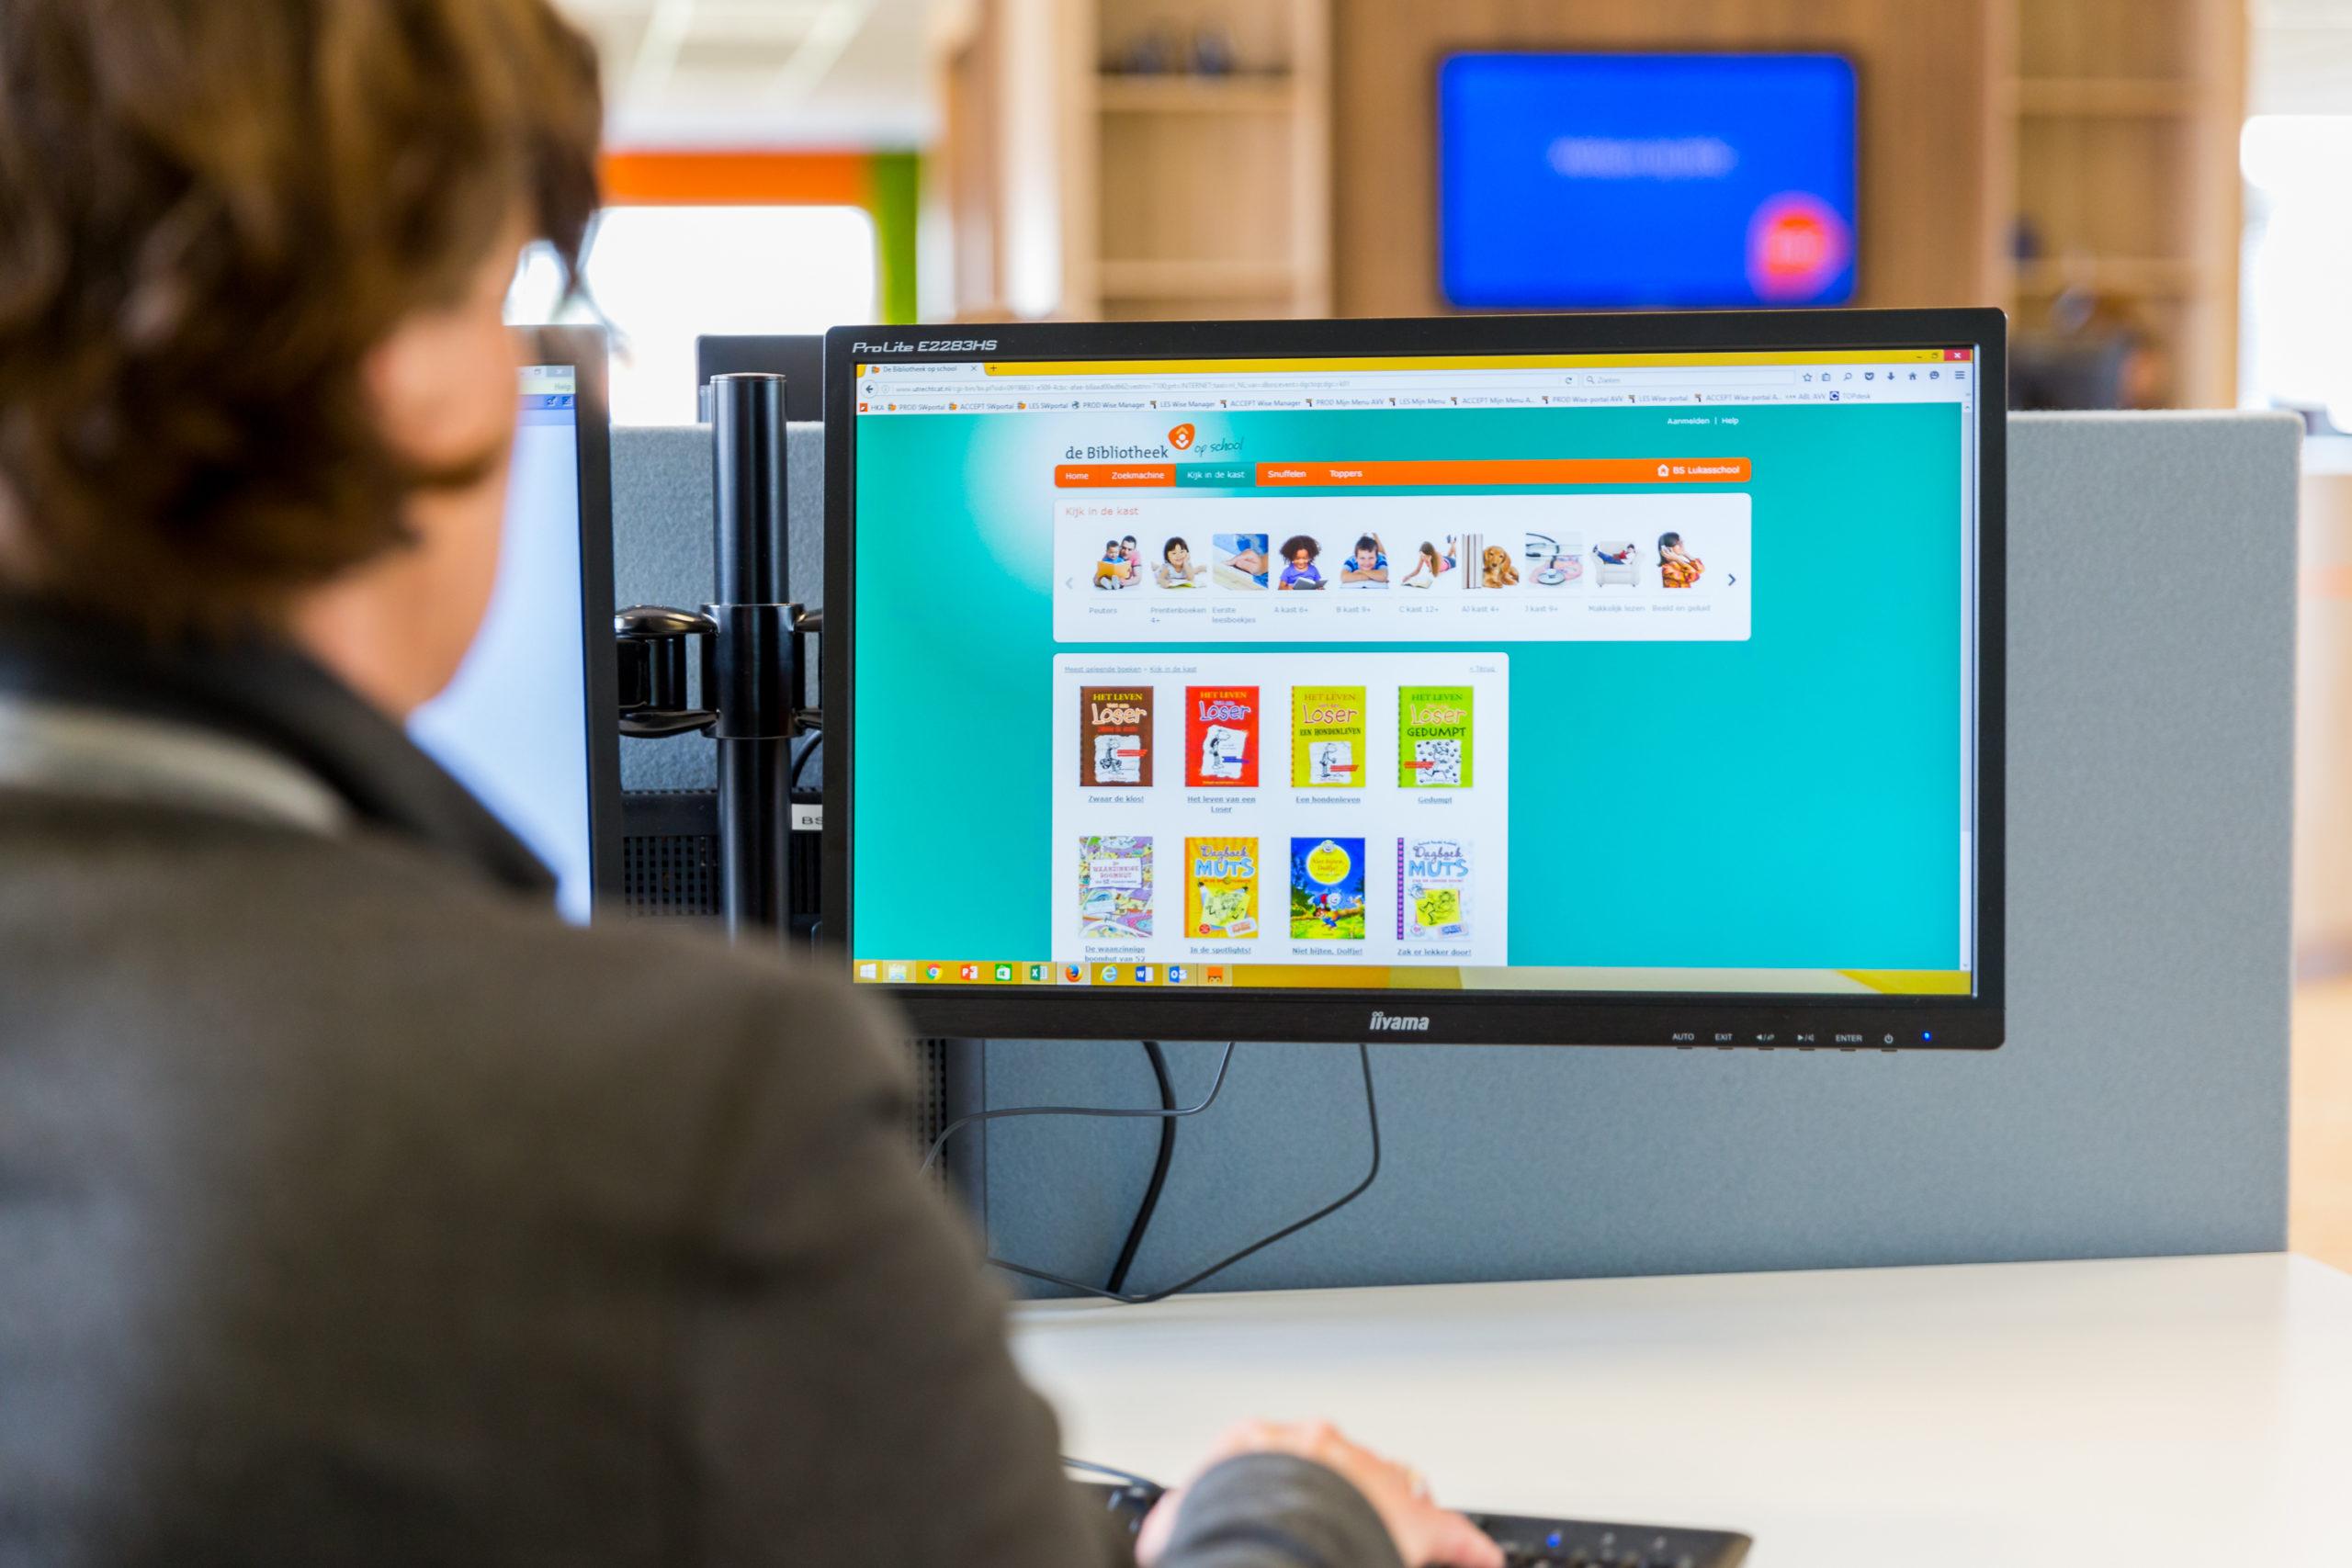 Naar één landelijk bibliotheeksysteem: haalbaarheidsonderzoek krijgt brede steun